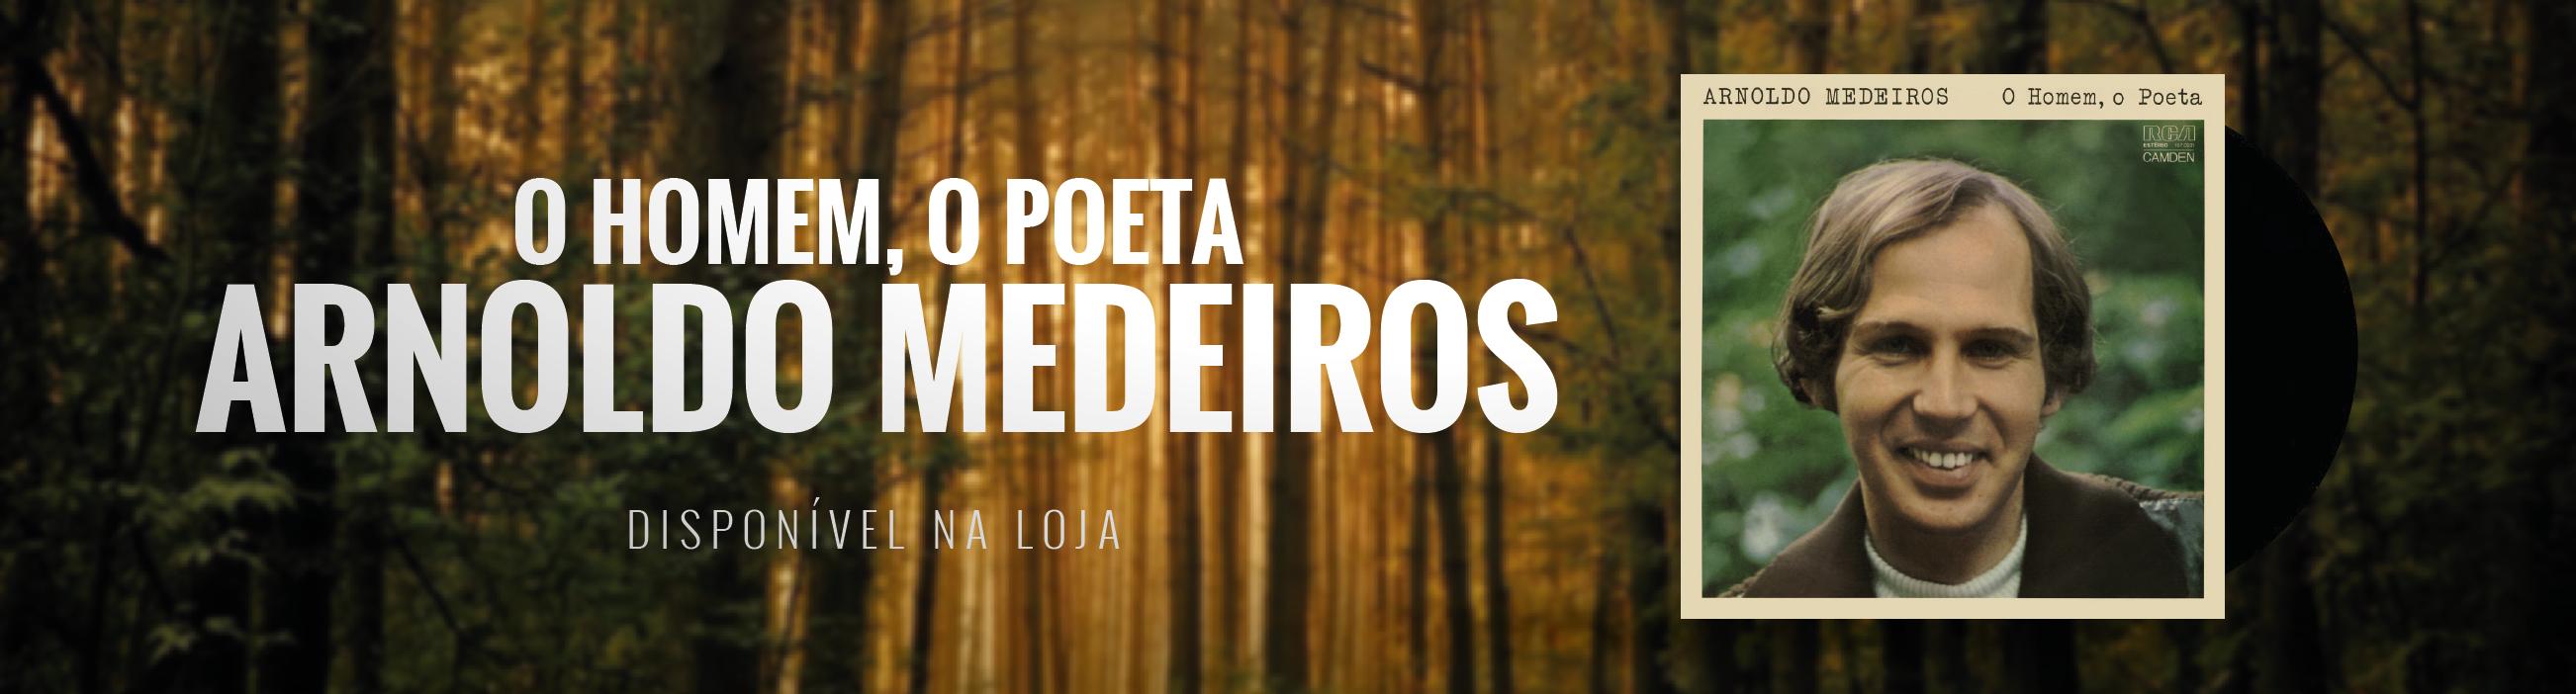 Lps - Arnoldo Medeiros - O Homem, O Poeta